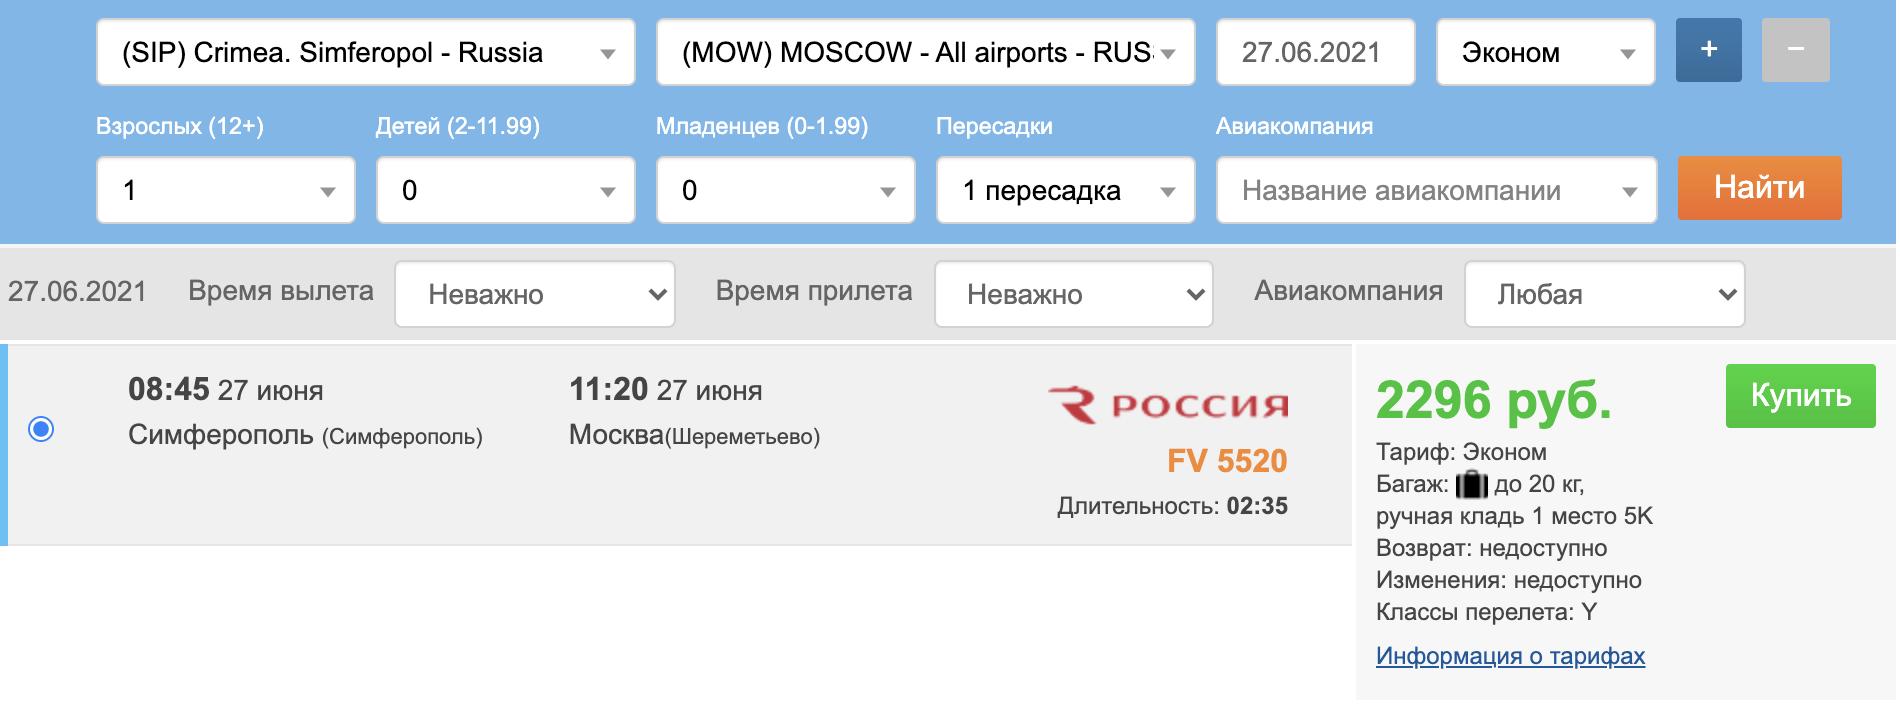 Горящие чартеры из Москвы в Крым за 4400₽ туда-обратно (завтра и послезавтра)